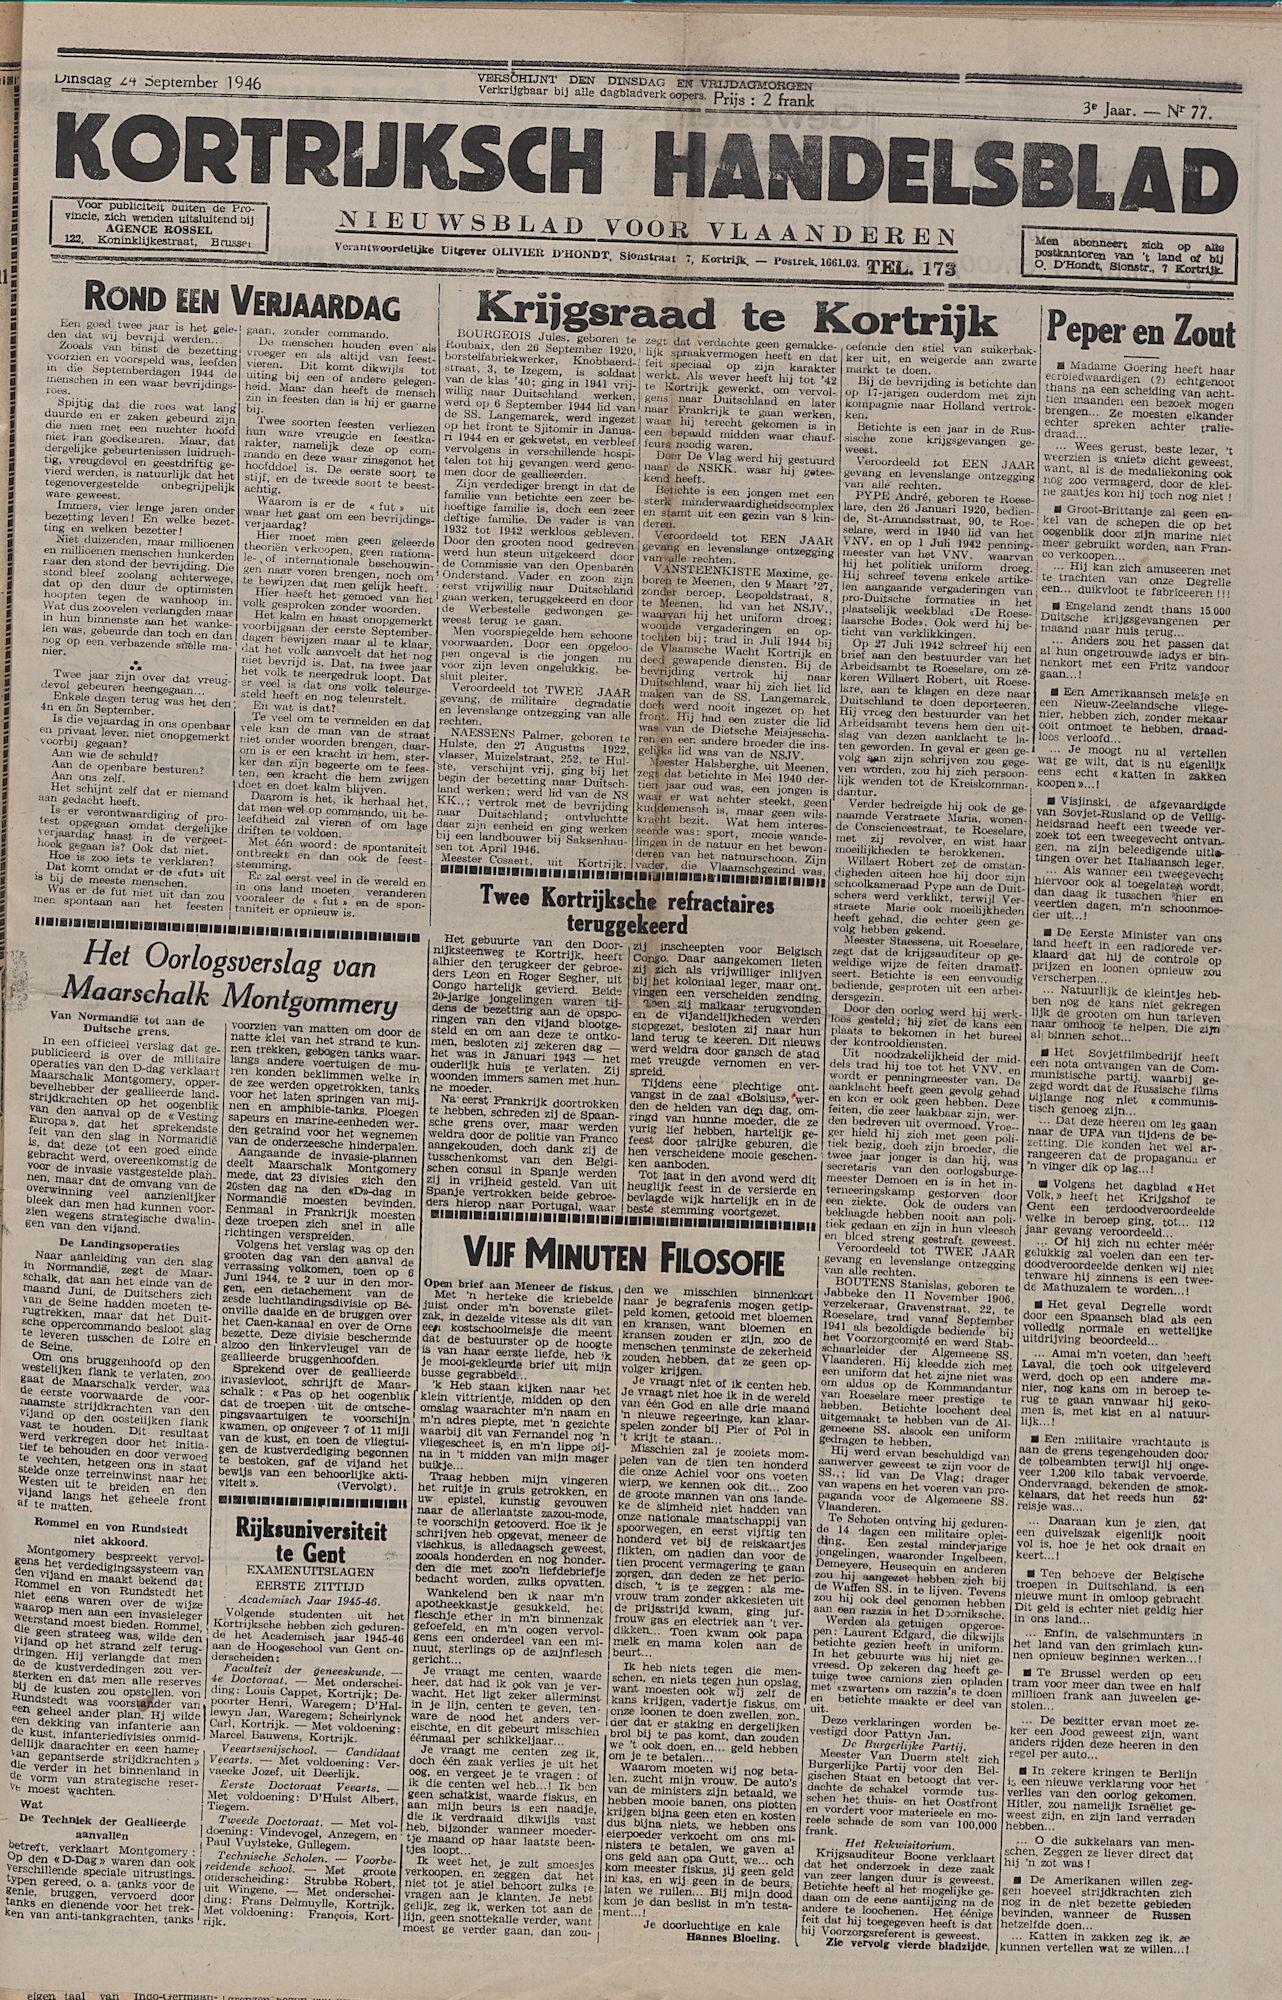 Kortrijksch Handelsblad 24 september 1946 Nr77 p1